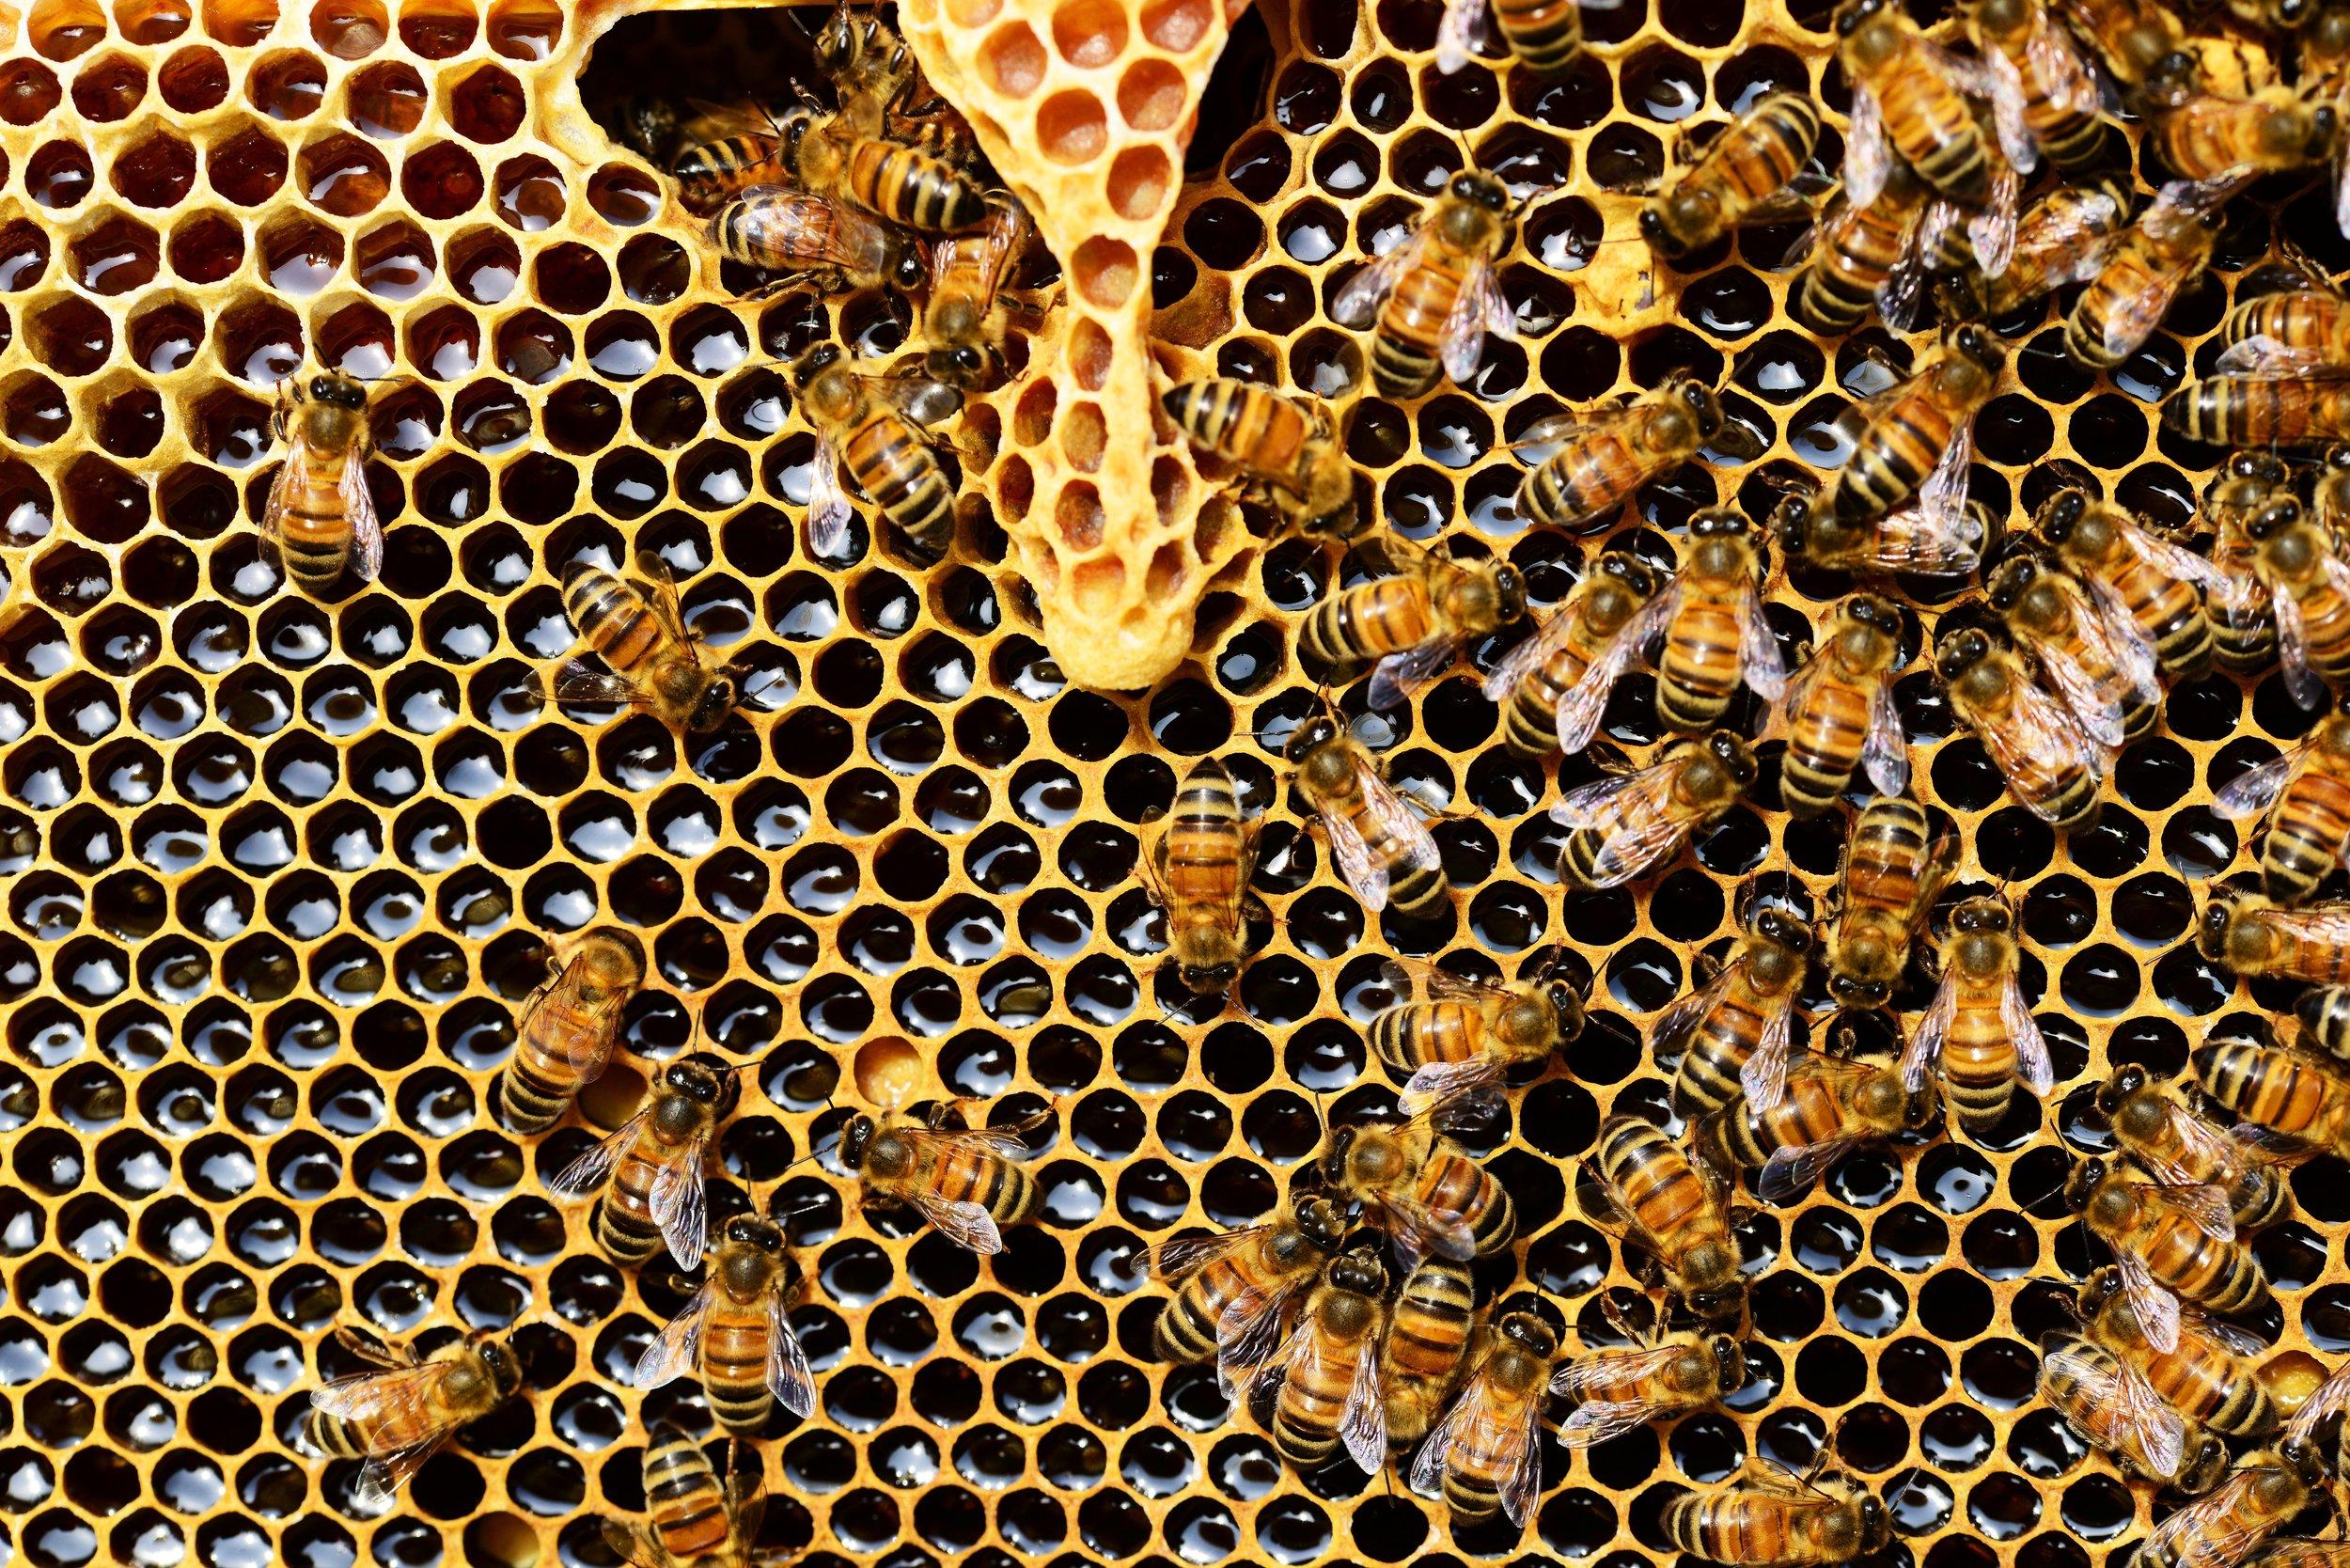 Actividades de apicultura - Las abejas son muy importantes en nuestro ecosistema; no solo en la producción de miel, también son las encargadas de la polinización de las plantas. ¿Quieres saber más sobre ellas?Te proponemos varias experiencias:- Ruta apibotánica con degustación de tapas con miel y cerveza/vino de miel. Precio: 15€- Apicultor por un día. Precio: 25€- Actividad de apicultor, visita guiada y taller (cata de miel o taller con cera). Precio: 28€Precios por persona